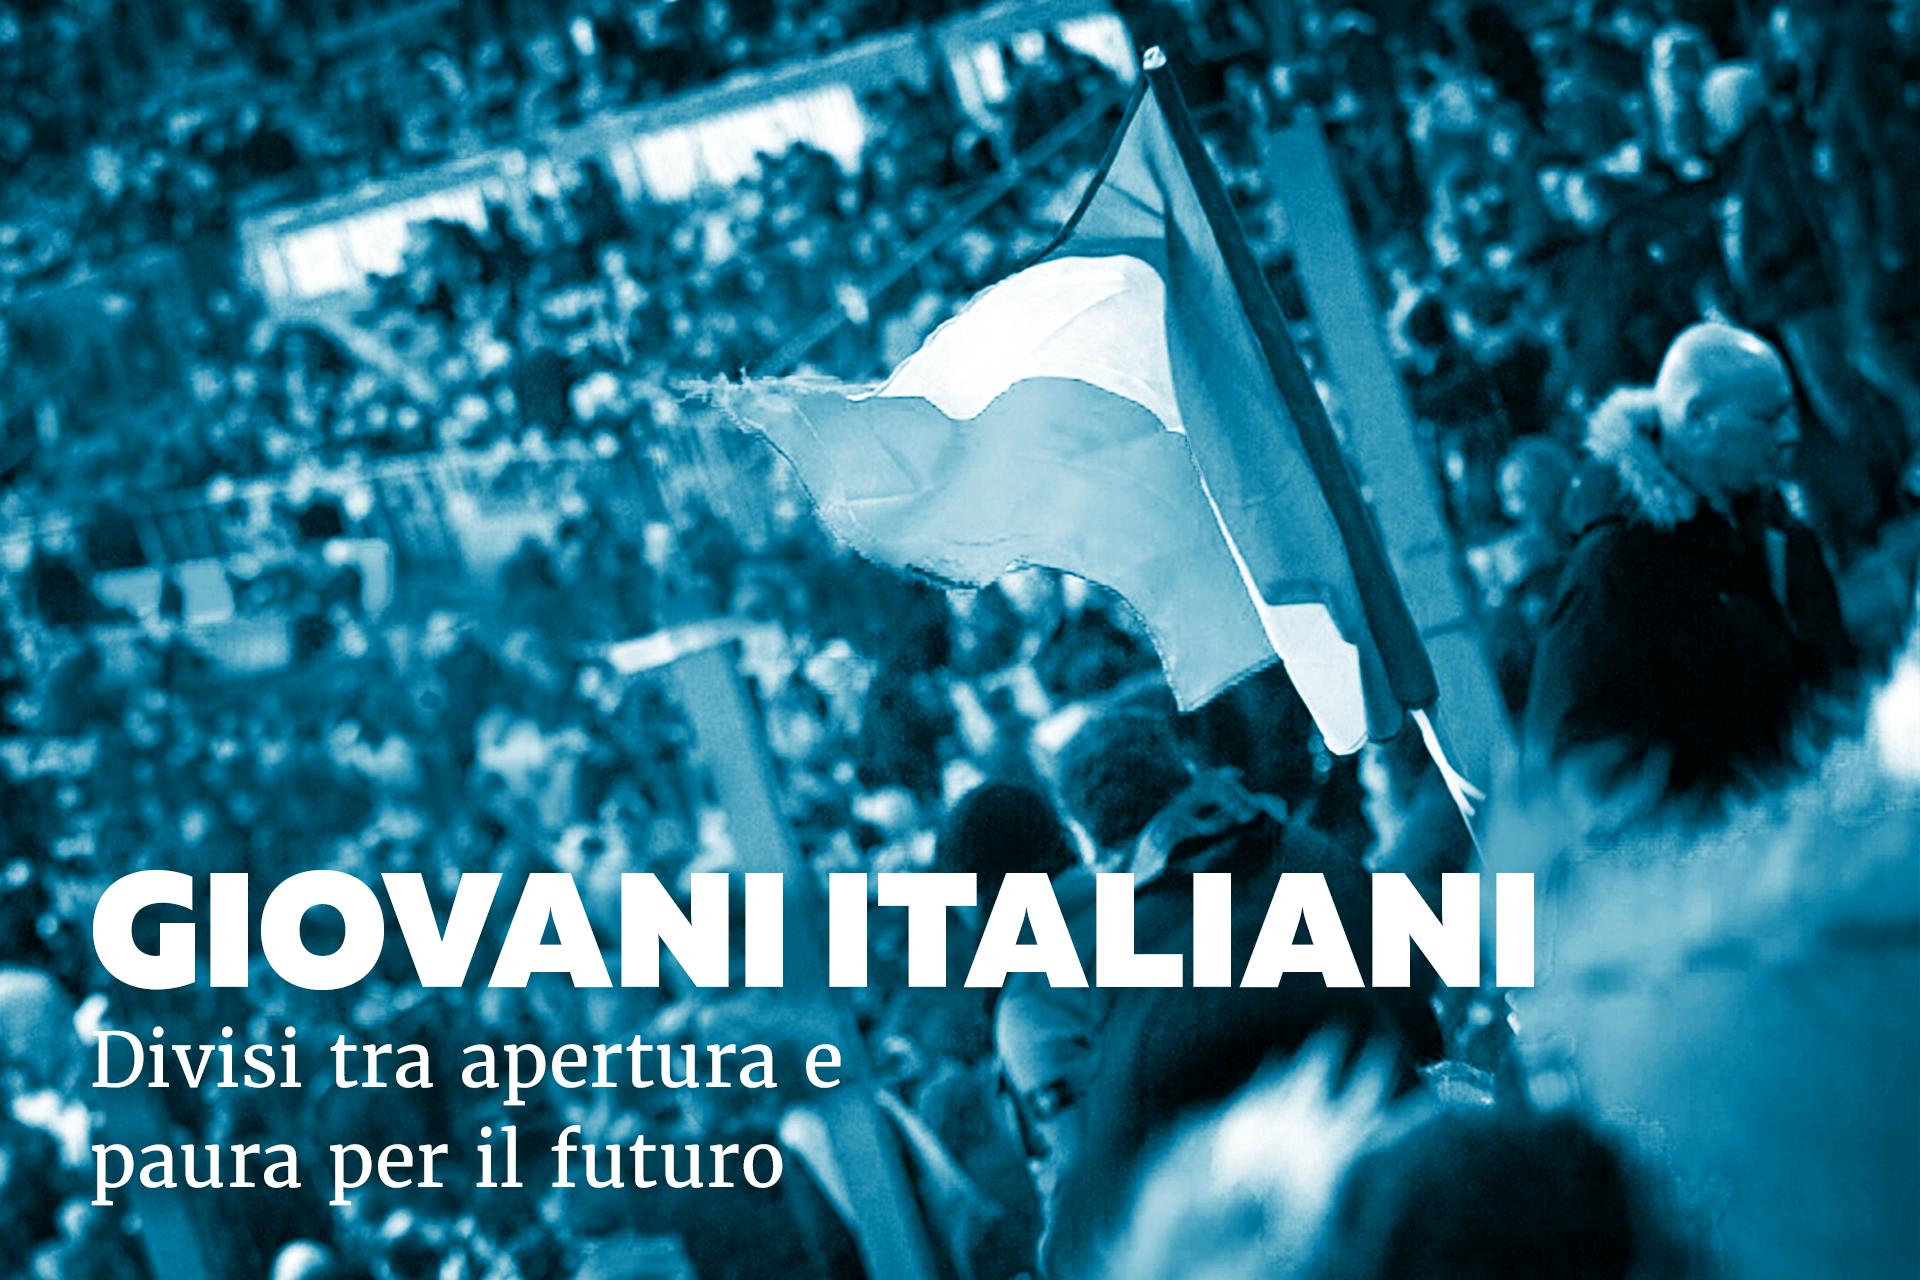 Giovani italiani: divisi tra apertura e paura per il futuro